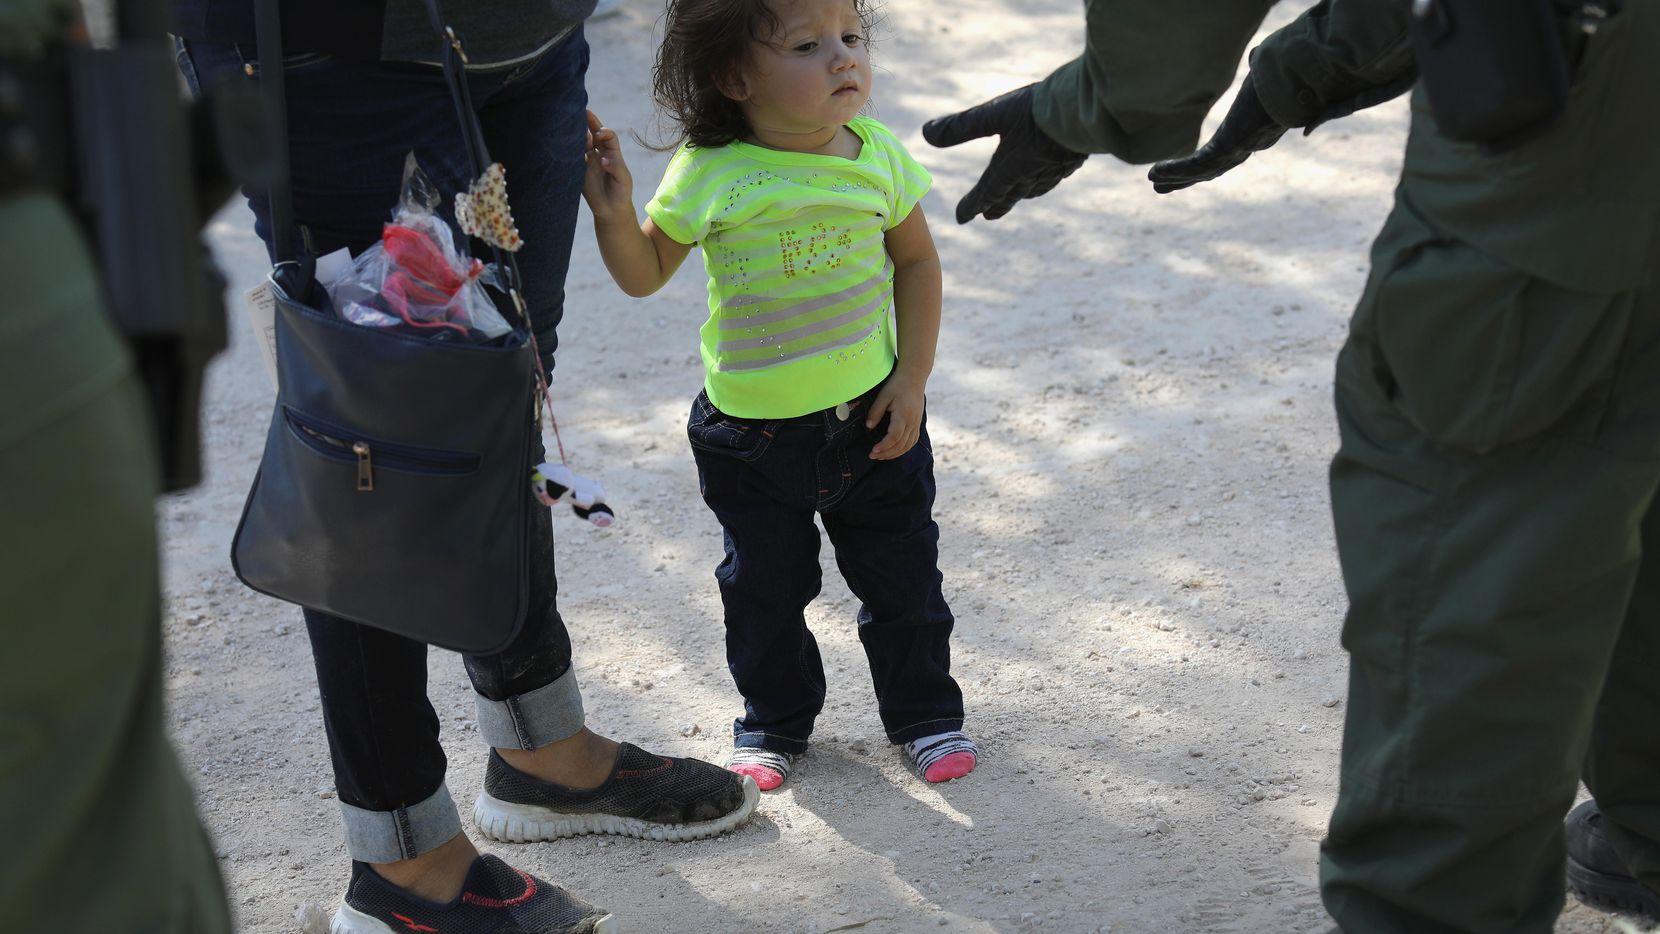 Una familia de inmigrantes de Centroamerica es tomado en custodia por agentes de la Patrulla Fronteriza, en la zona del Río Grande, al sur de Texas. (GETTY IMAGES/JOHN MOORE)